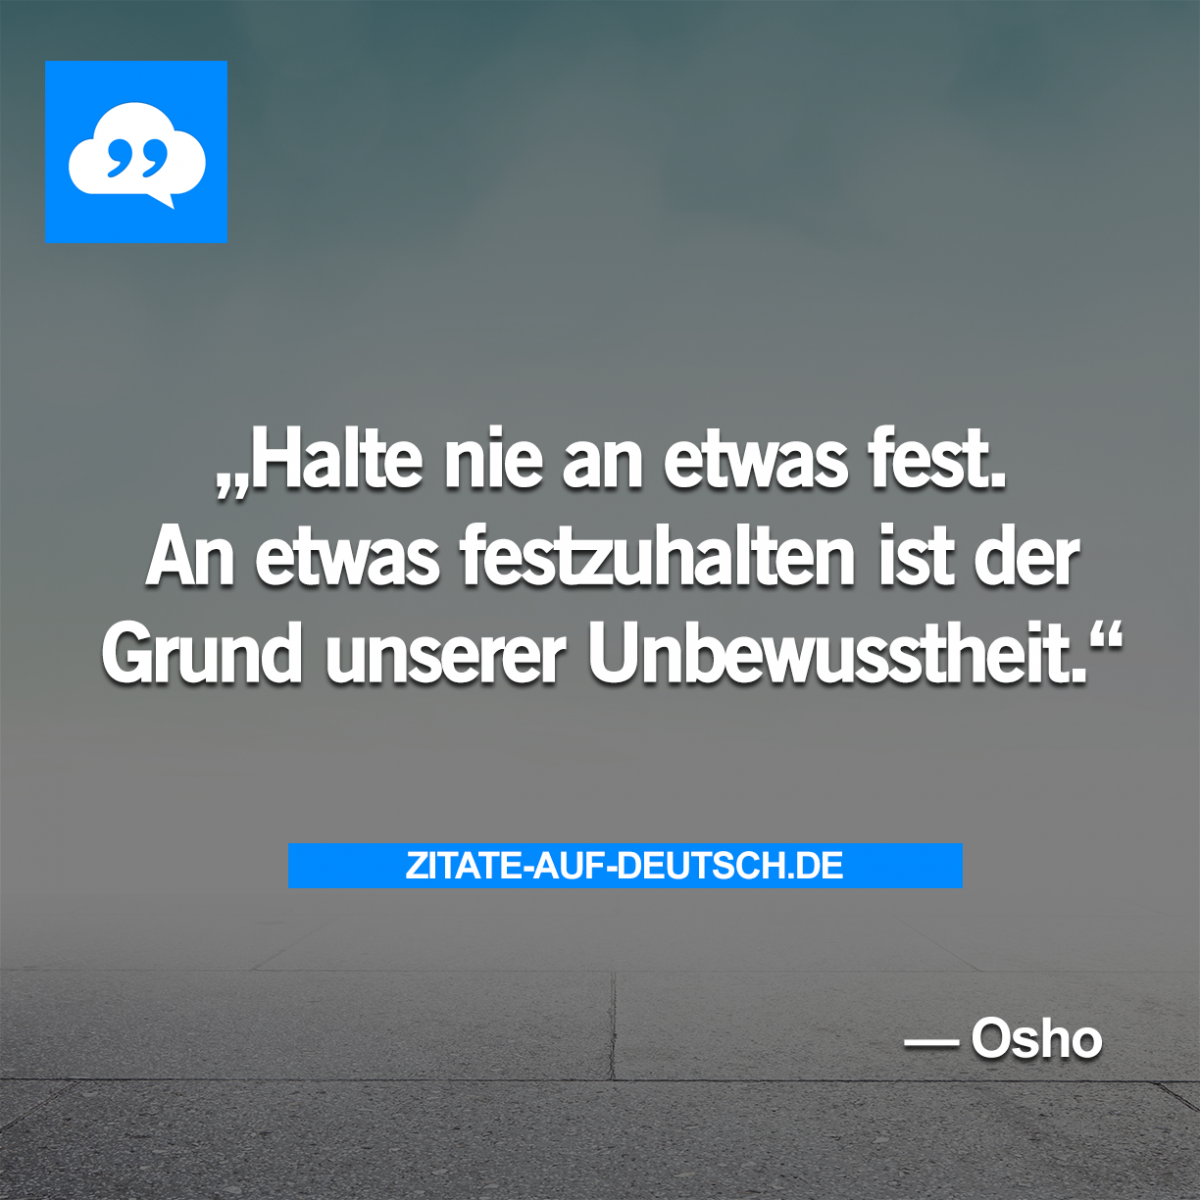 Ego Sprüche Zaubersprüche In Latein 2019 07 29